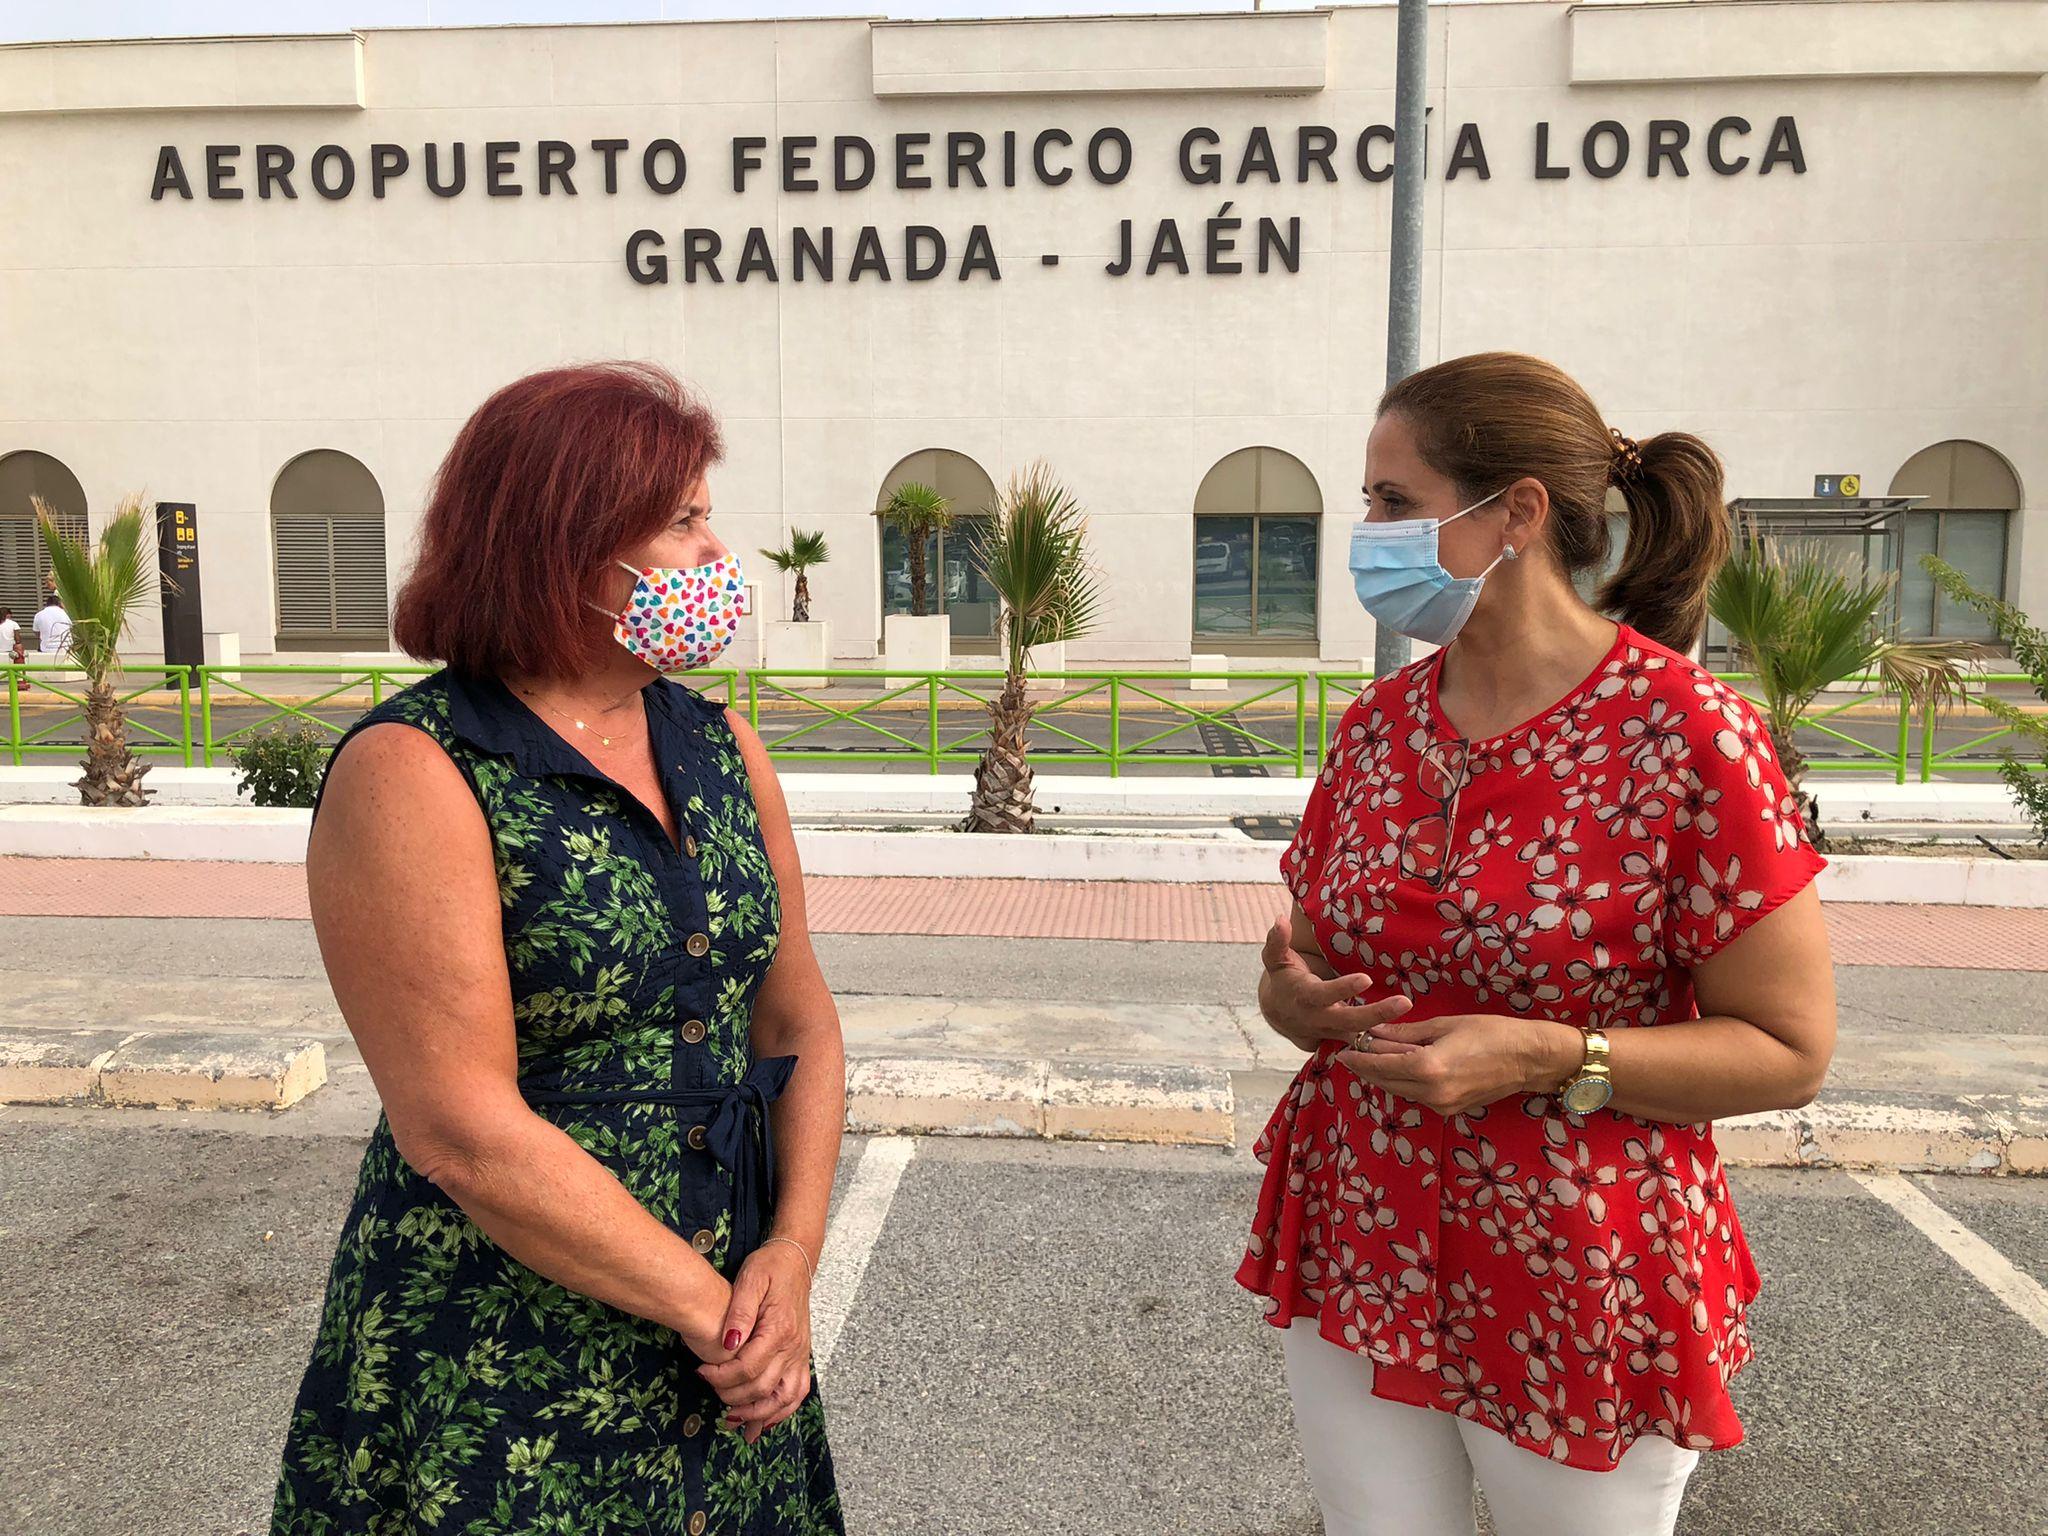 El PSOE destaca el impulso del Gobierno al aeropuerto de Granada, que amplía sus instalaciones con una inversión de 3,3 millones